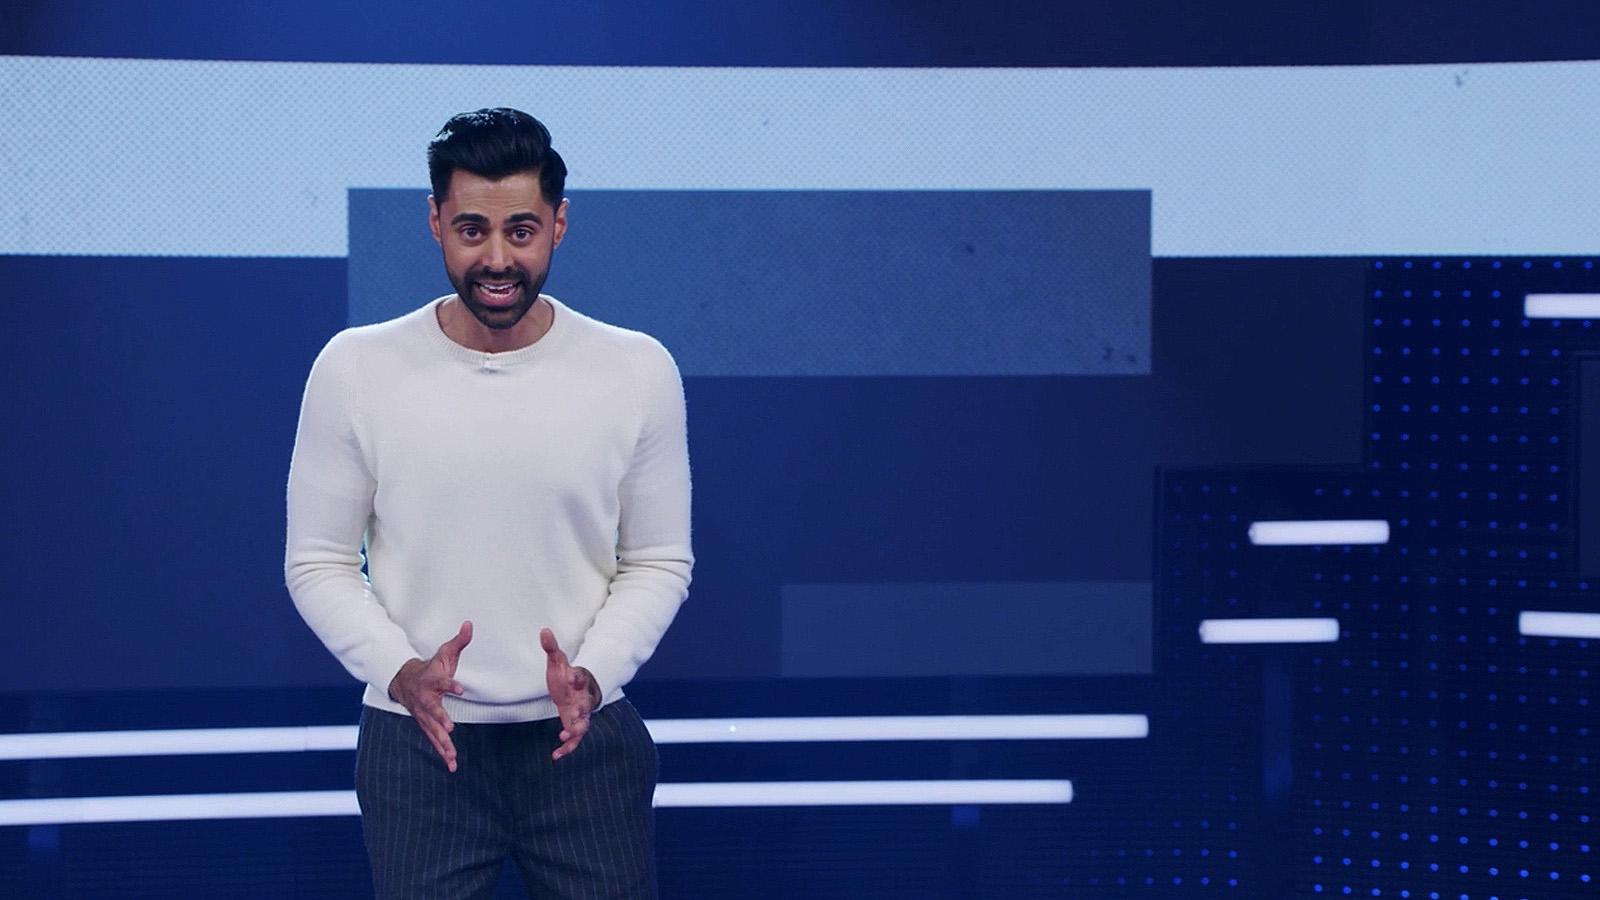 NCS-Netflix-Patriot-Act-Hasan-Minhaj-0006